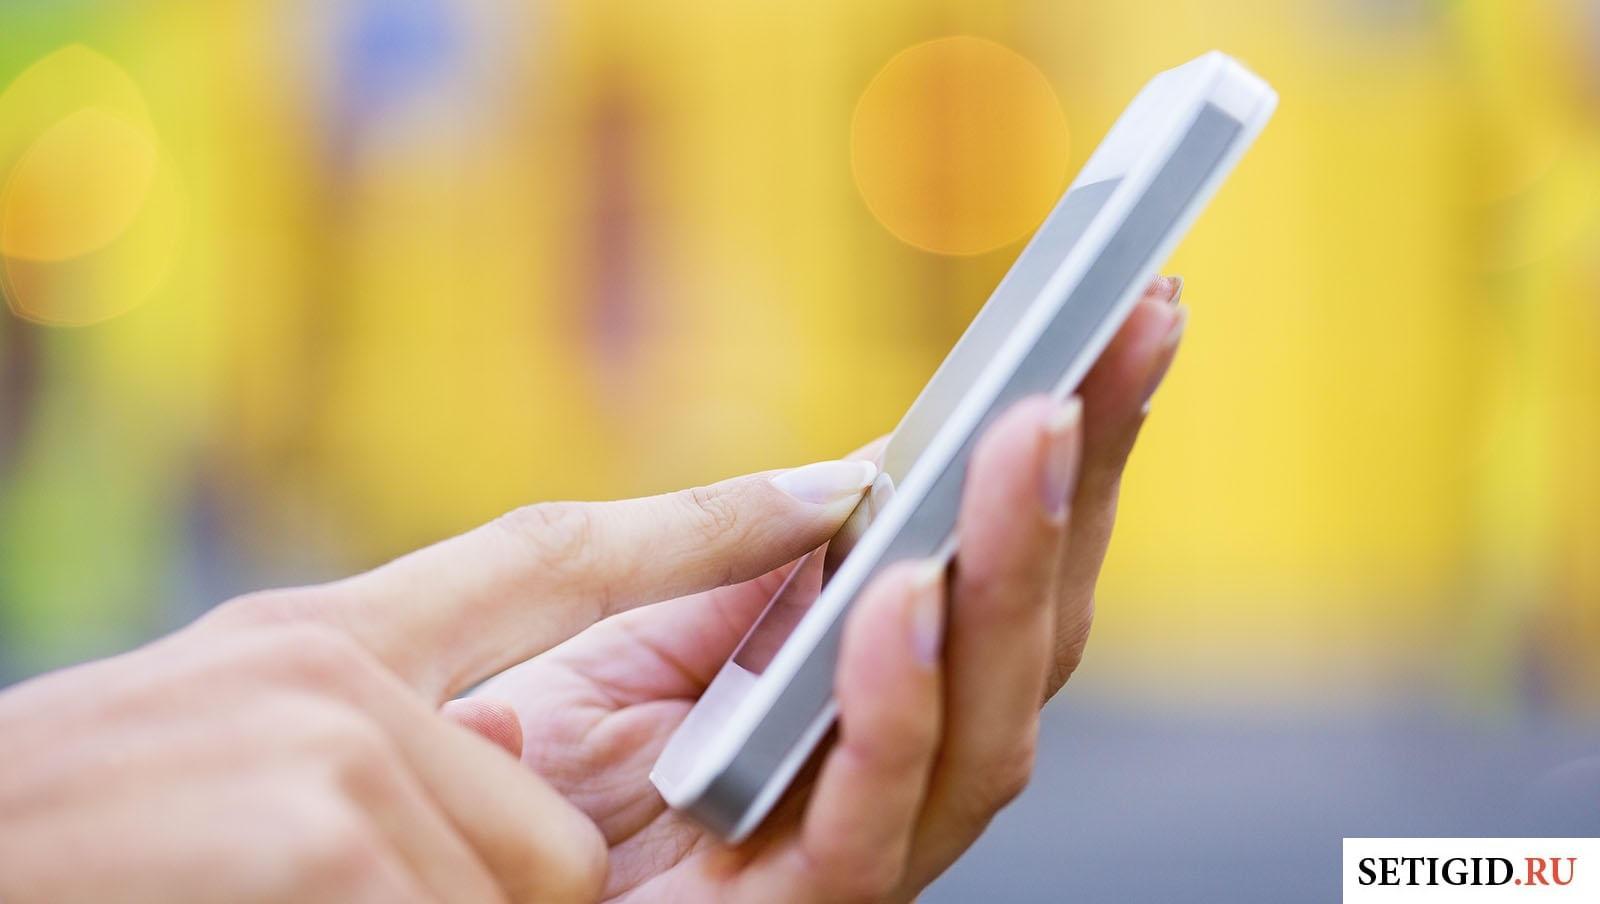 Мобильный в руках у женщины